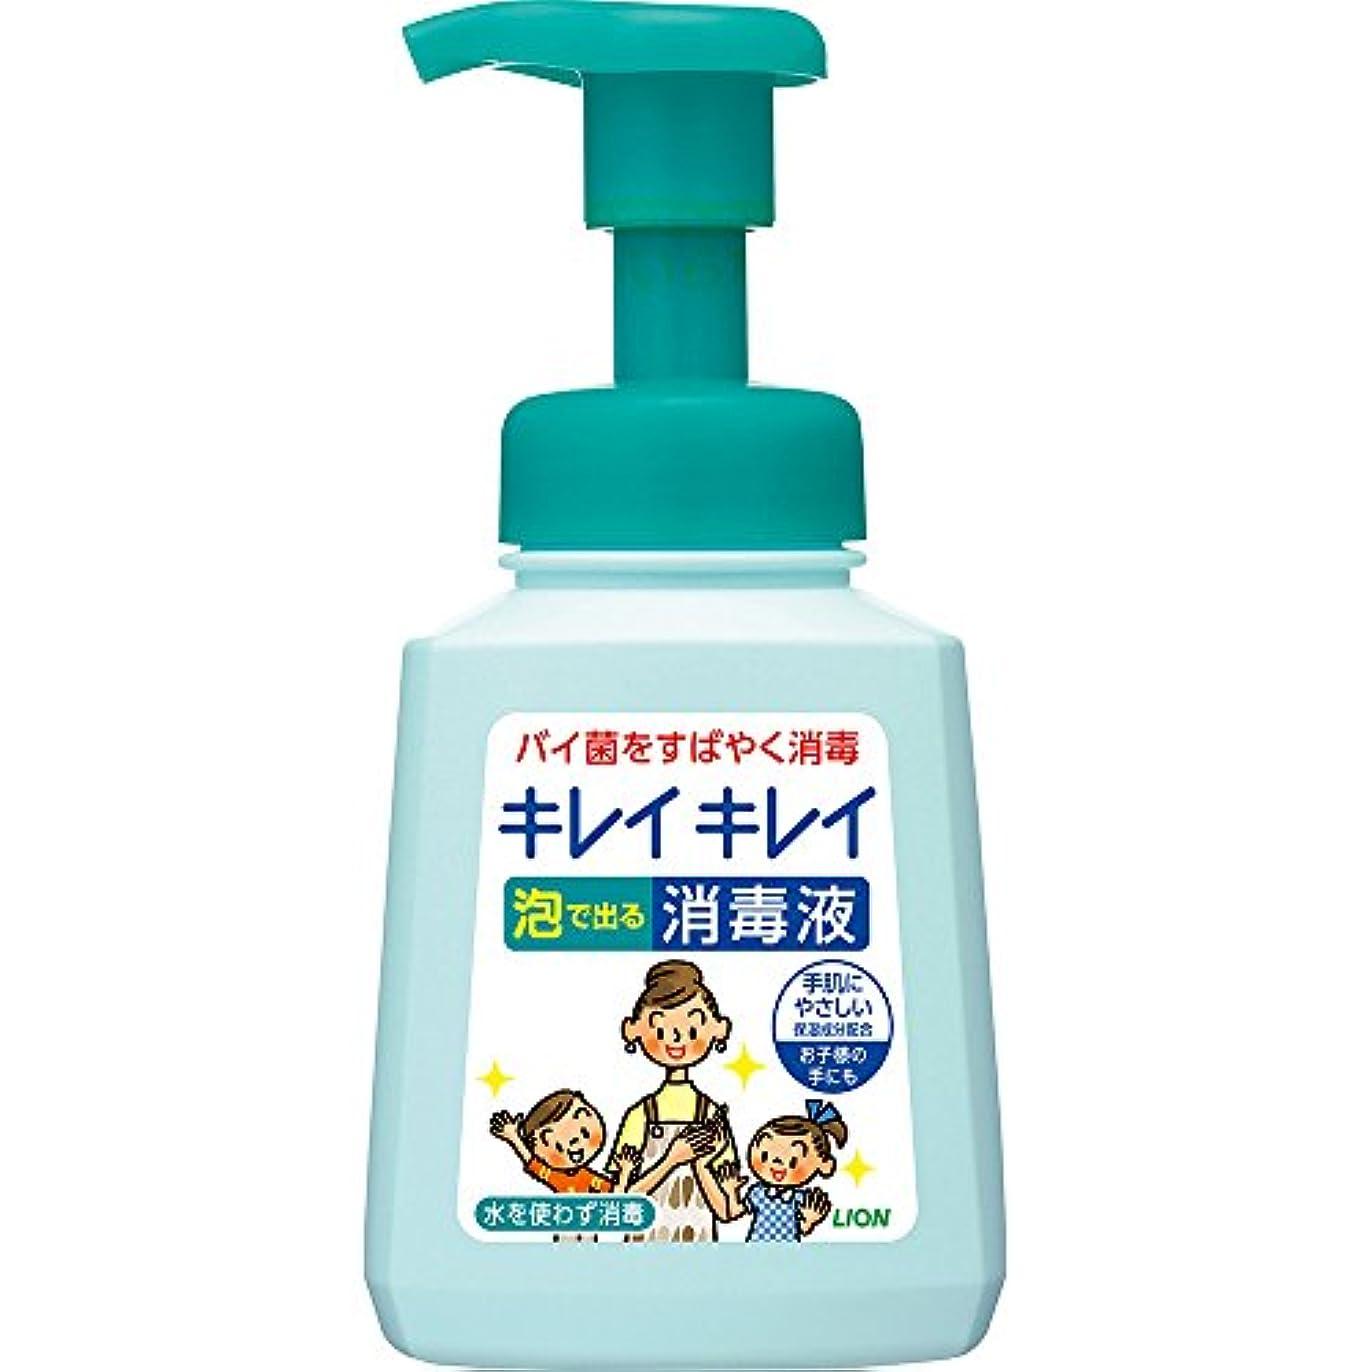 設置競争力のある満員キレイキレイ 薬用 泡ででる消毒液 本体ポンプ 250ml(指定医薬部外品)